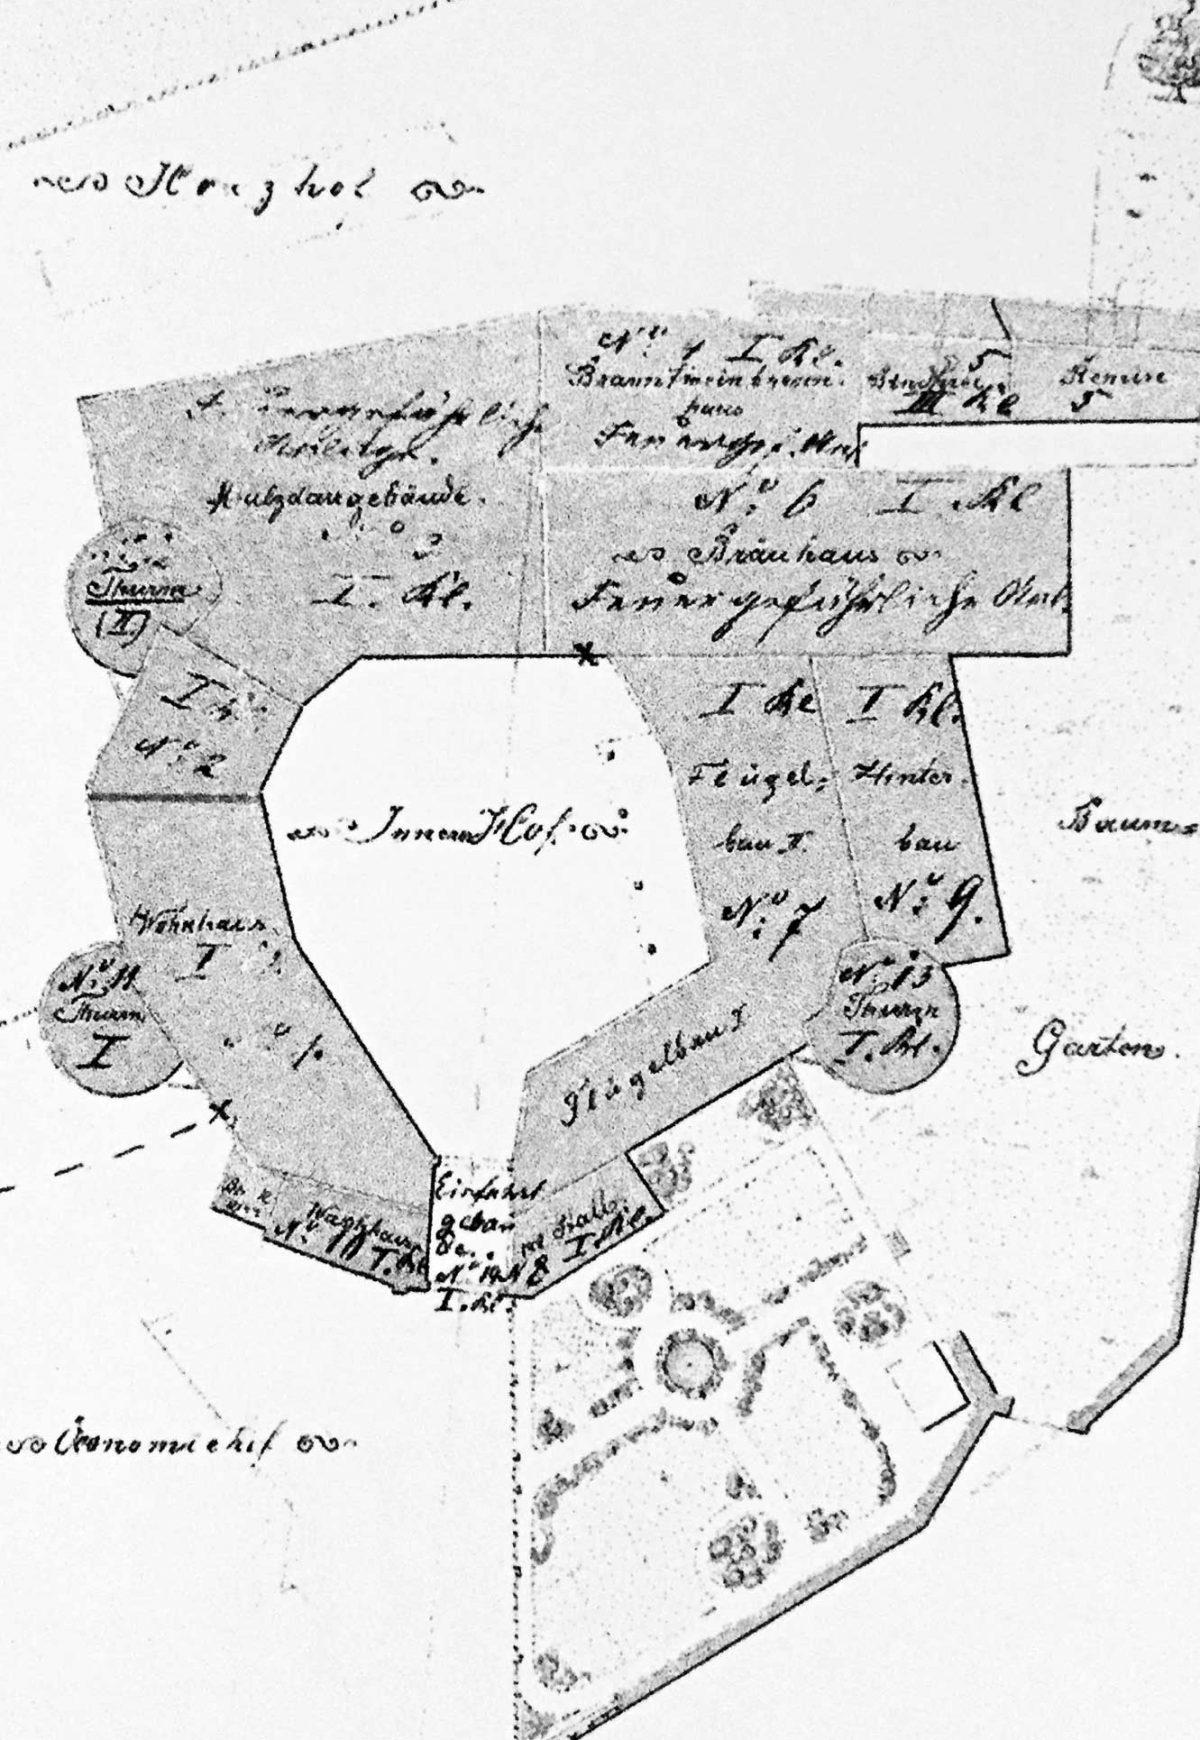 Bauplan Tittinger Wasserschloss